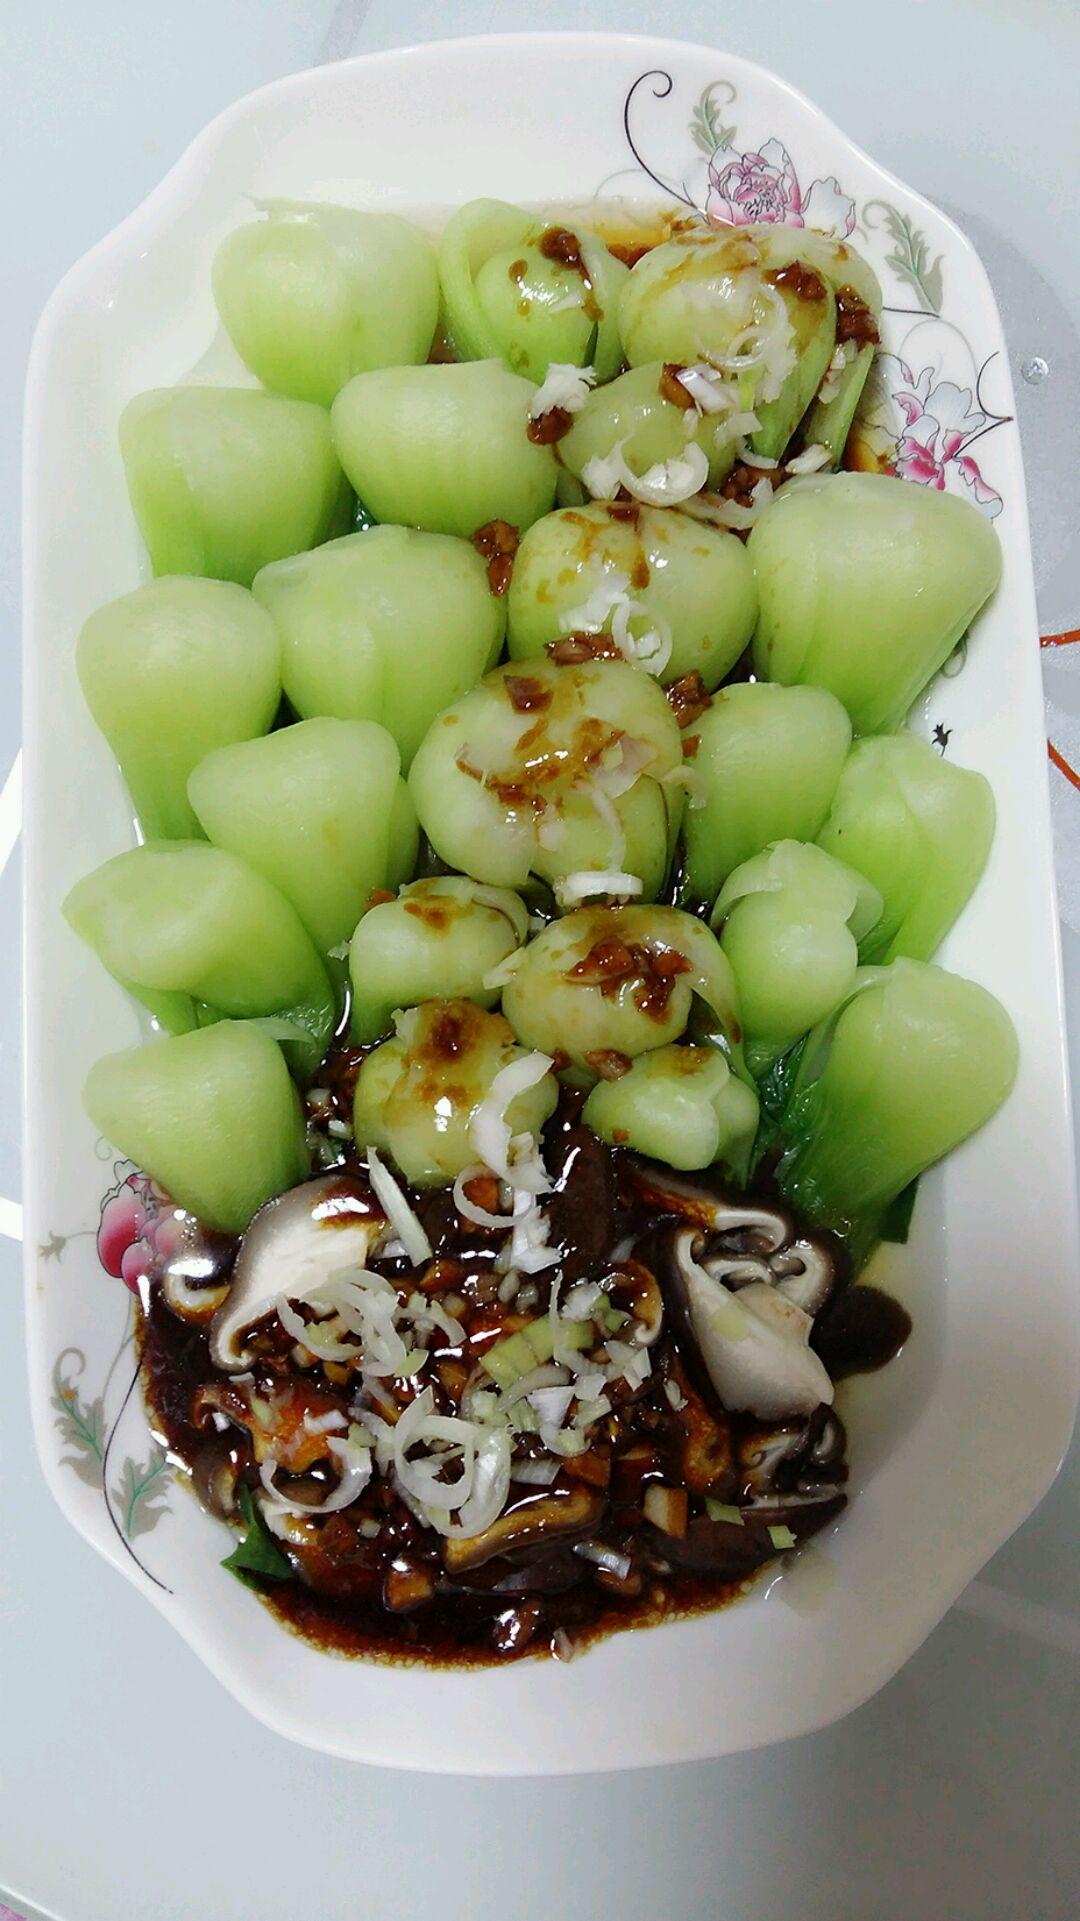 蚝油香菇油菜的做法_【图解】蚝油香菇油菜怎么做如何